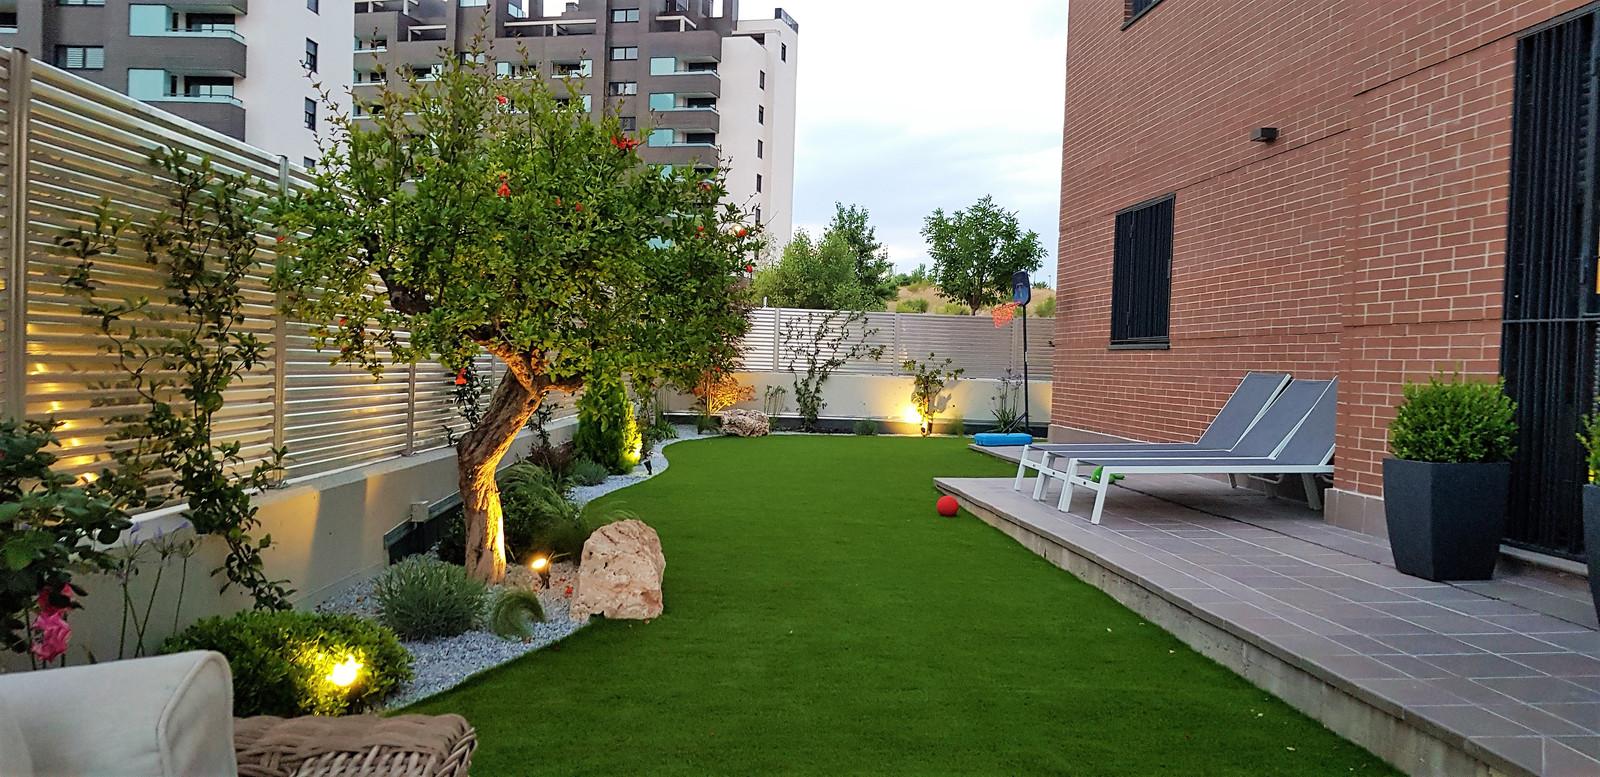 Dise o de terrazas y jardines comunidad de madrid jardinesysol - Diseno jardines madrid ...